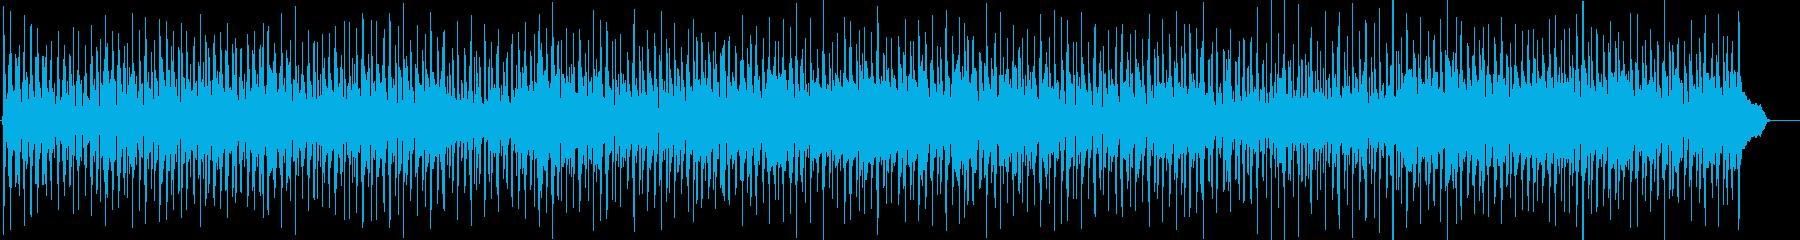 アーシーな90sロックBECKプライマルの再生済みの波形